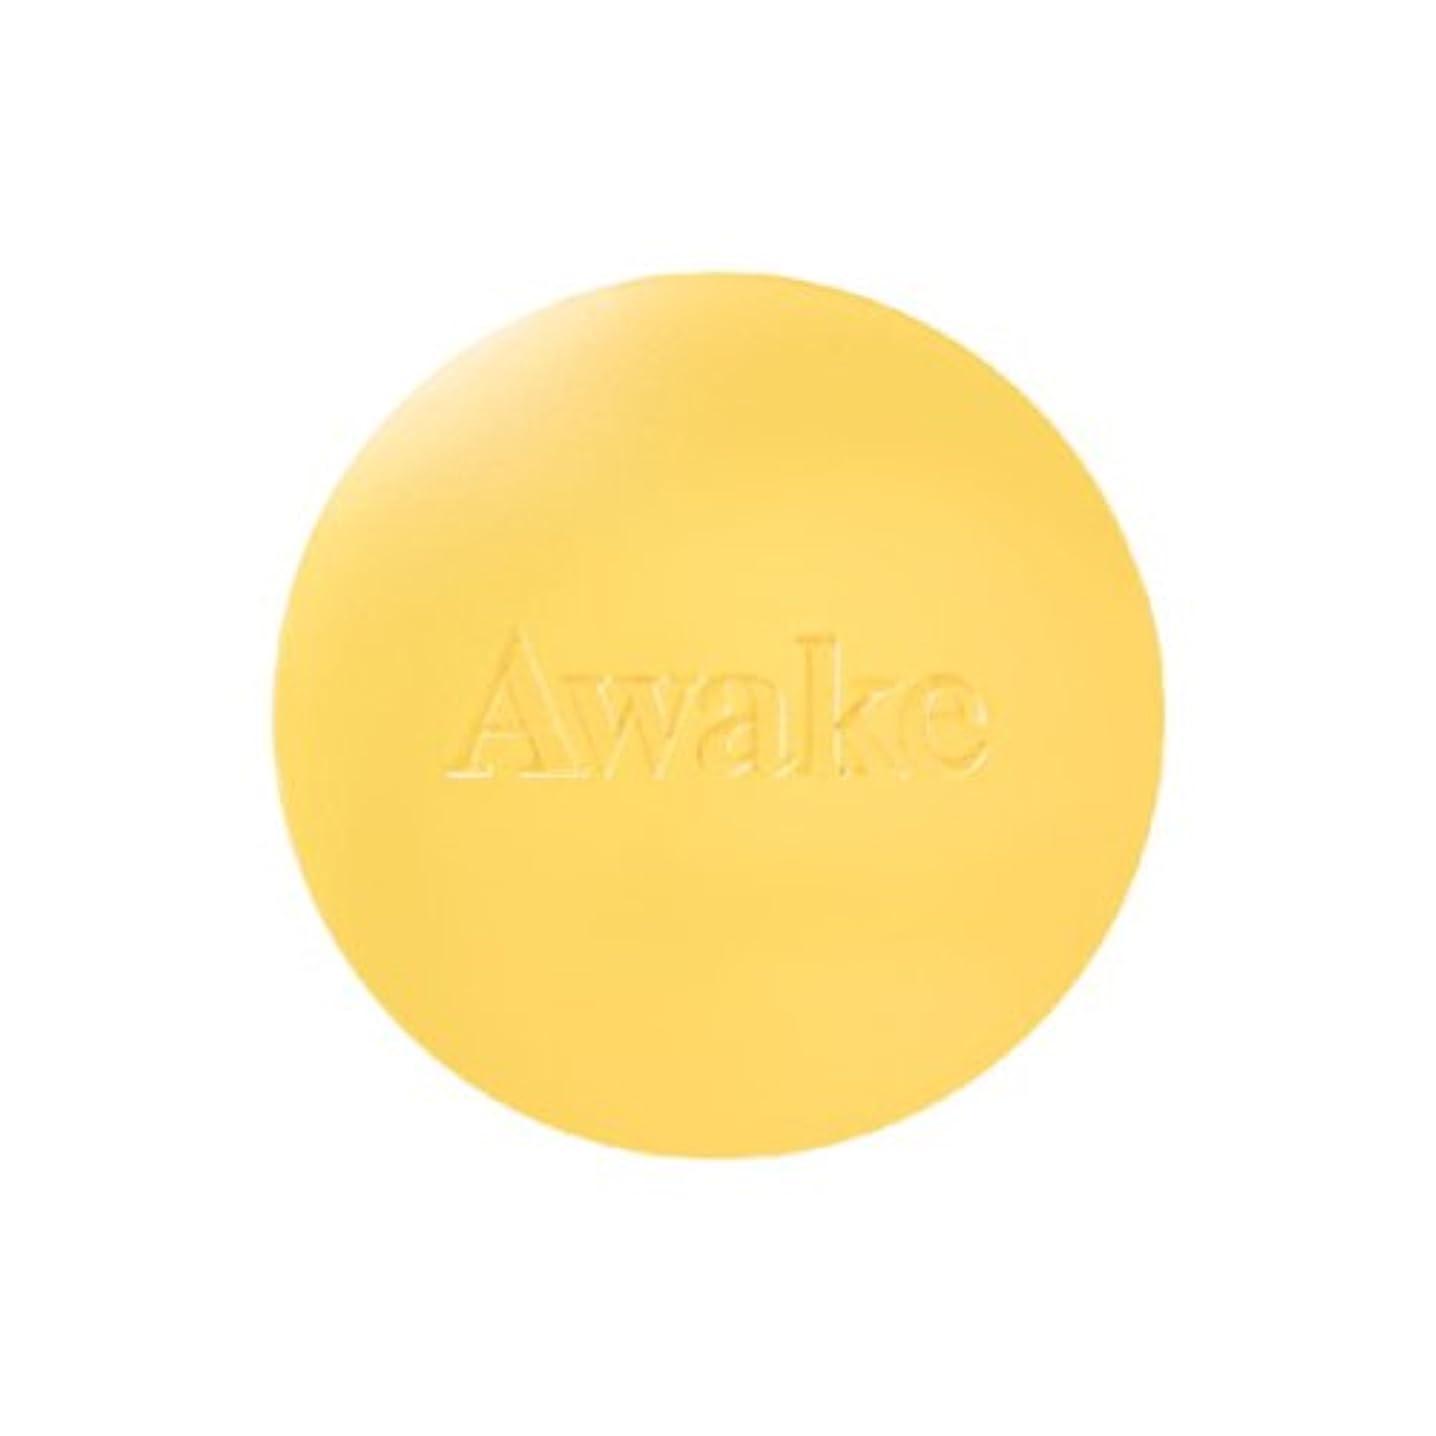 アウェイク(AWAKE) Awake(アウェイク) アライズ & シャイン フェイシャルバー 〈洗顔石けん〉 (100g)